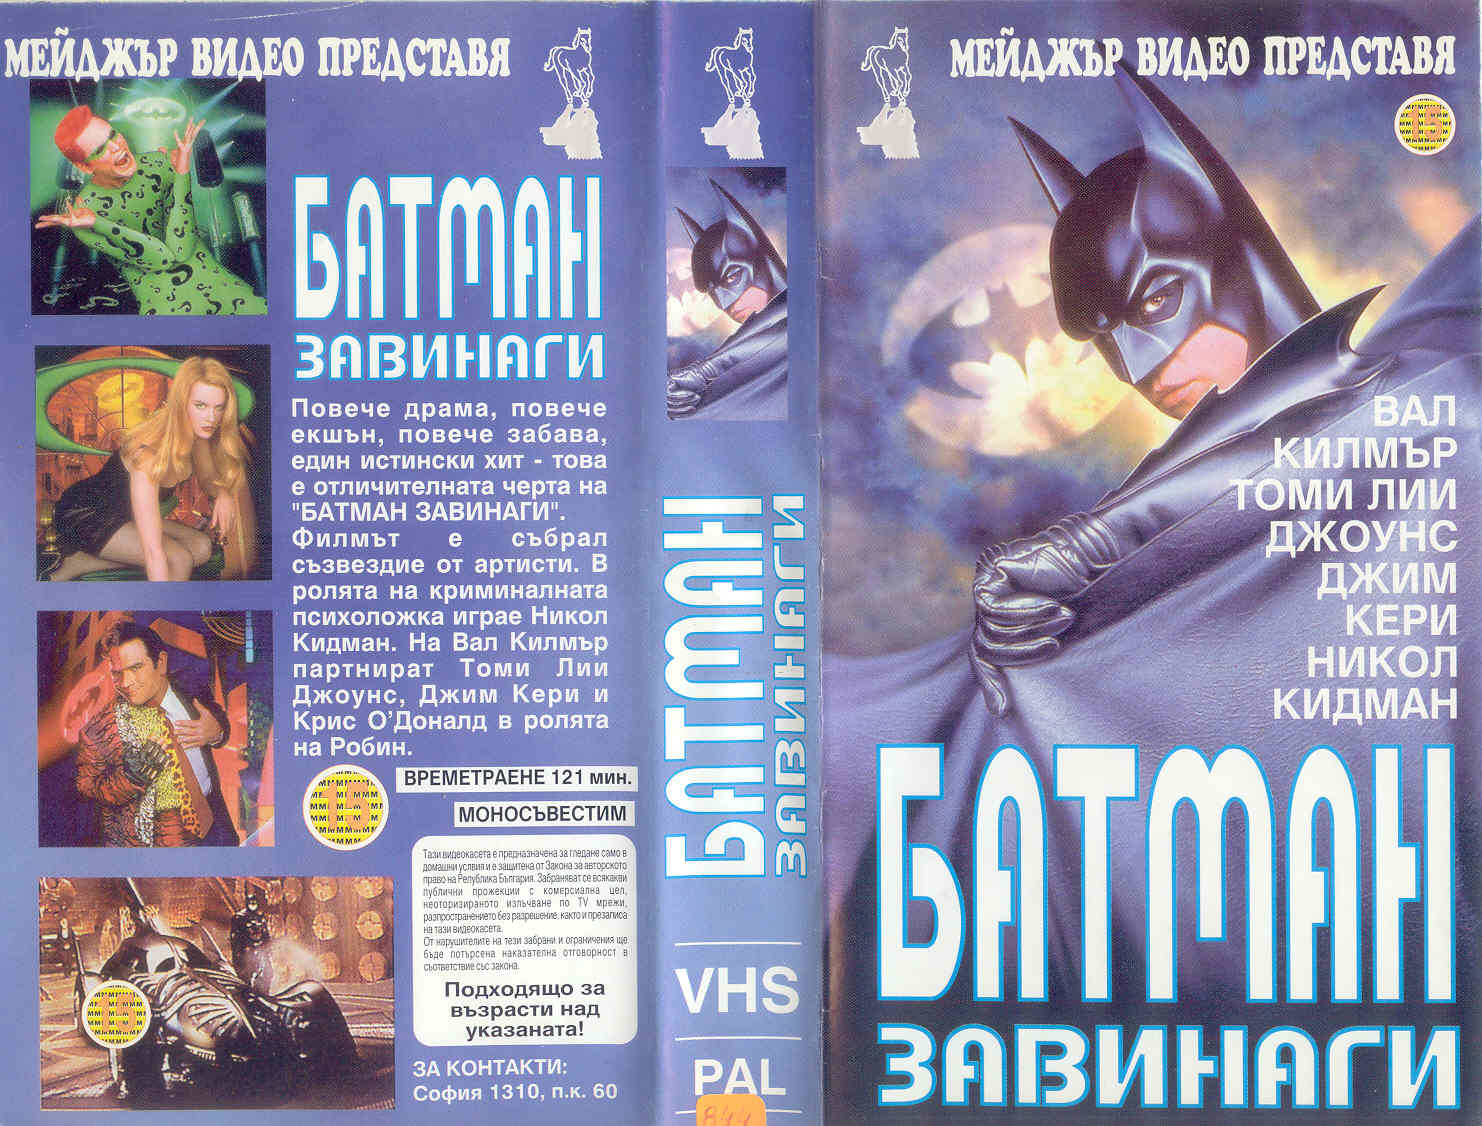 Батман завинаги филм постер